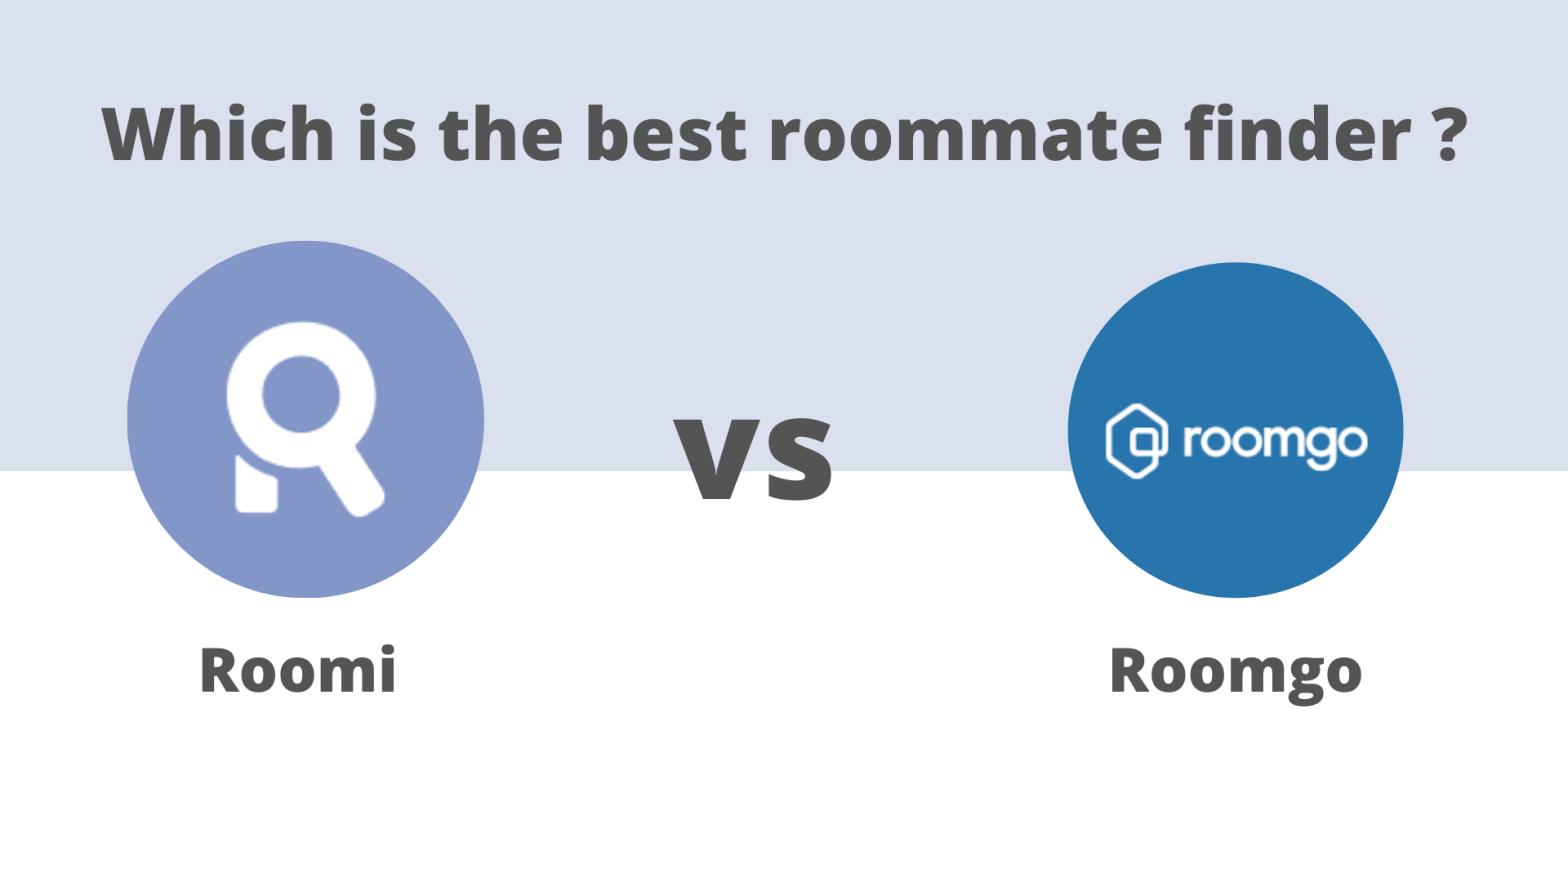 roomi-vs-roomgo-roommate-finder